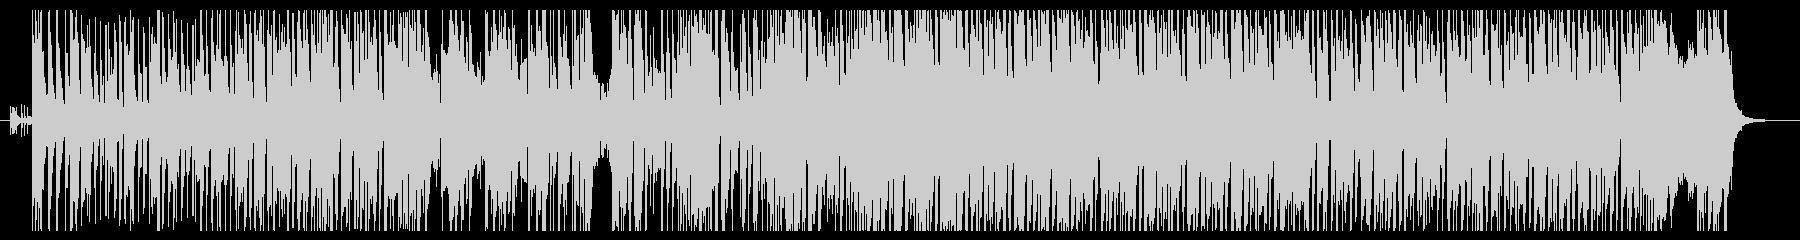 ハードロックなダンス系インスト曲の未再生の波形